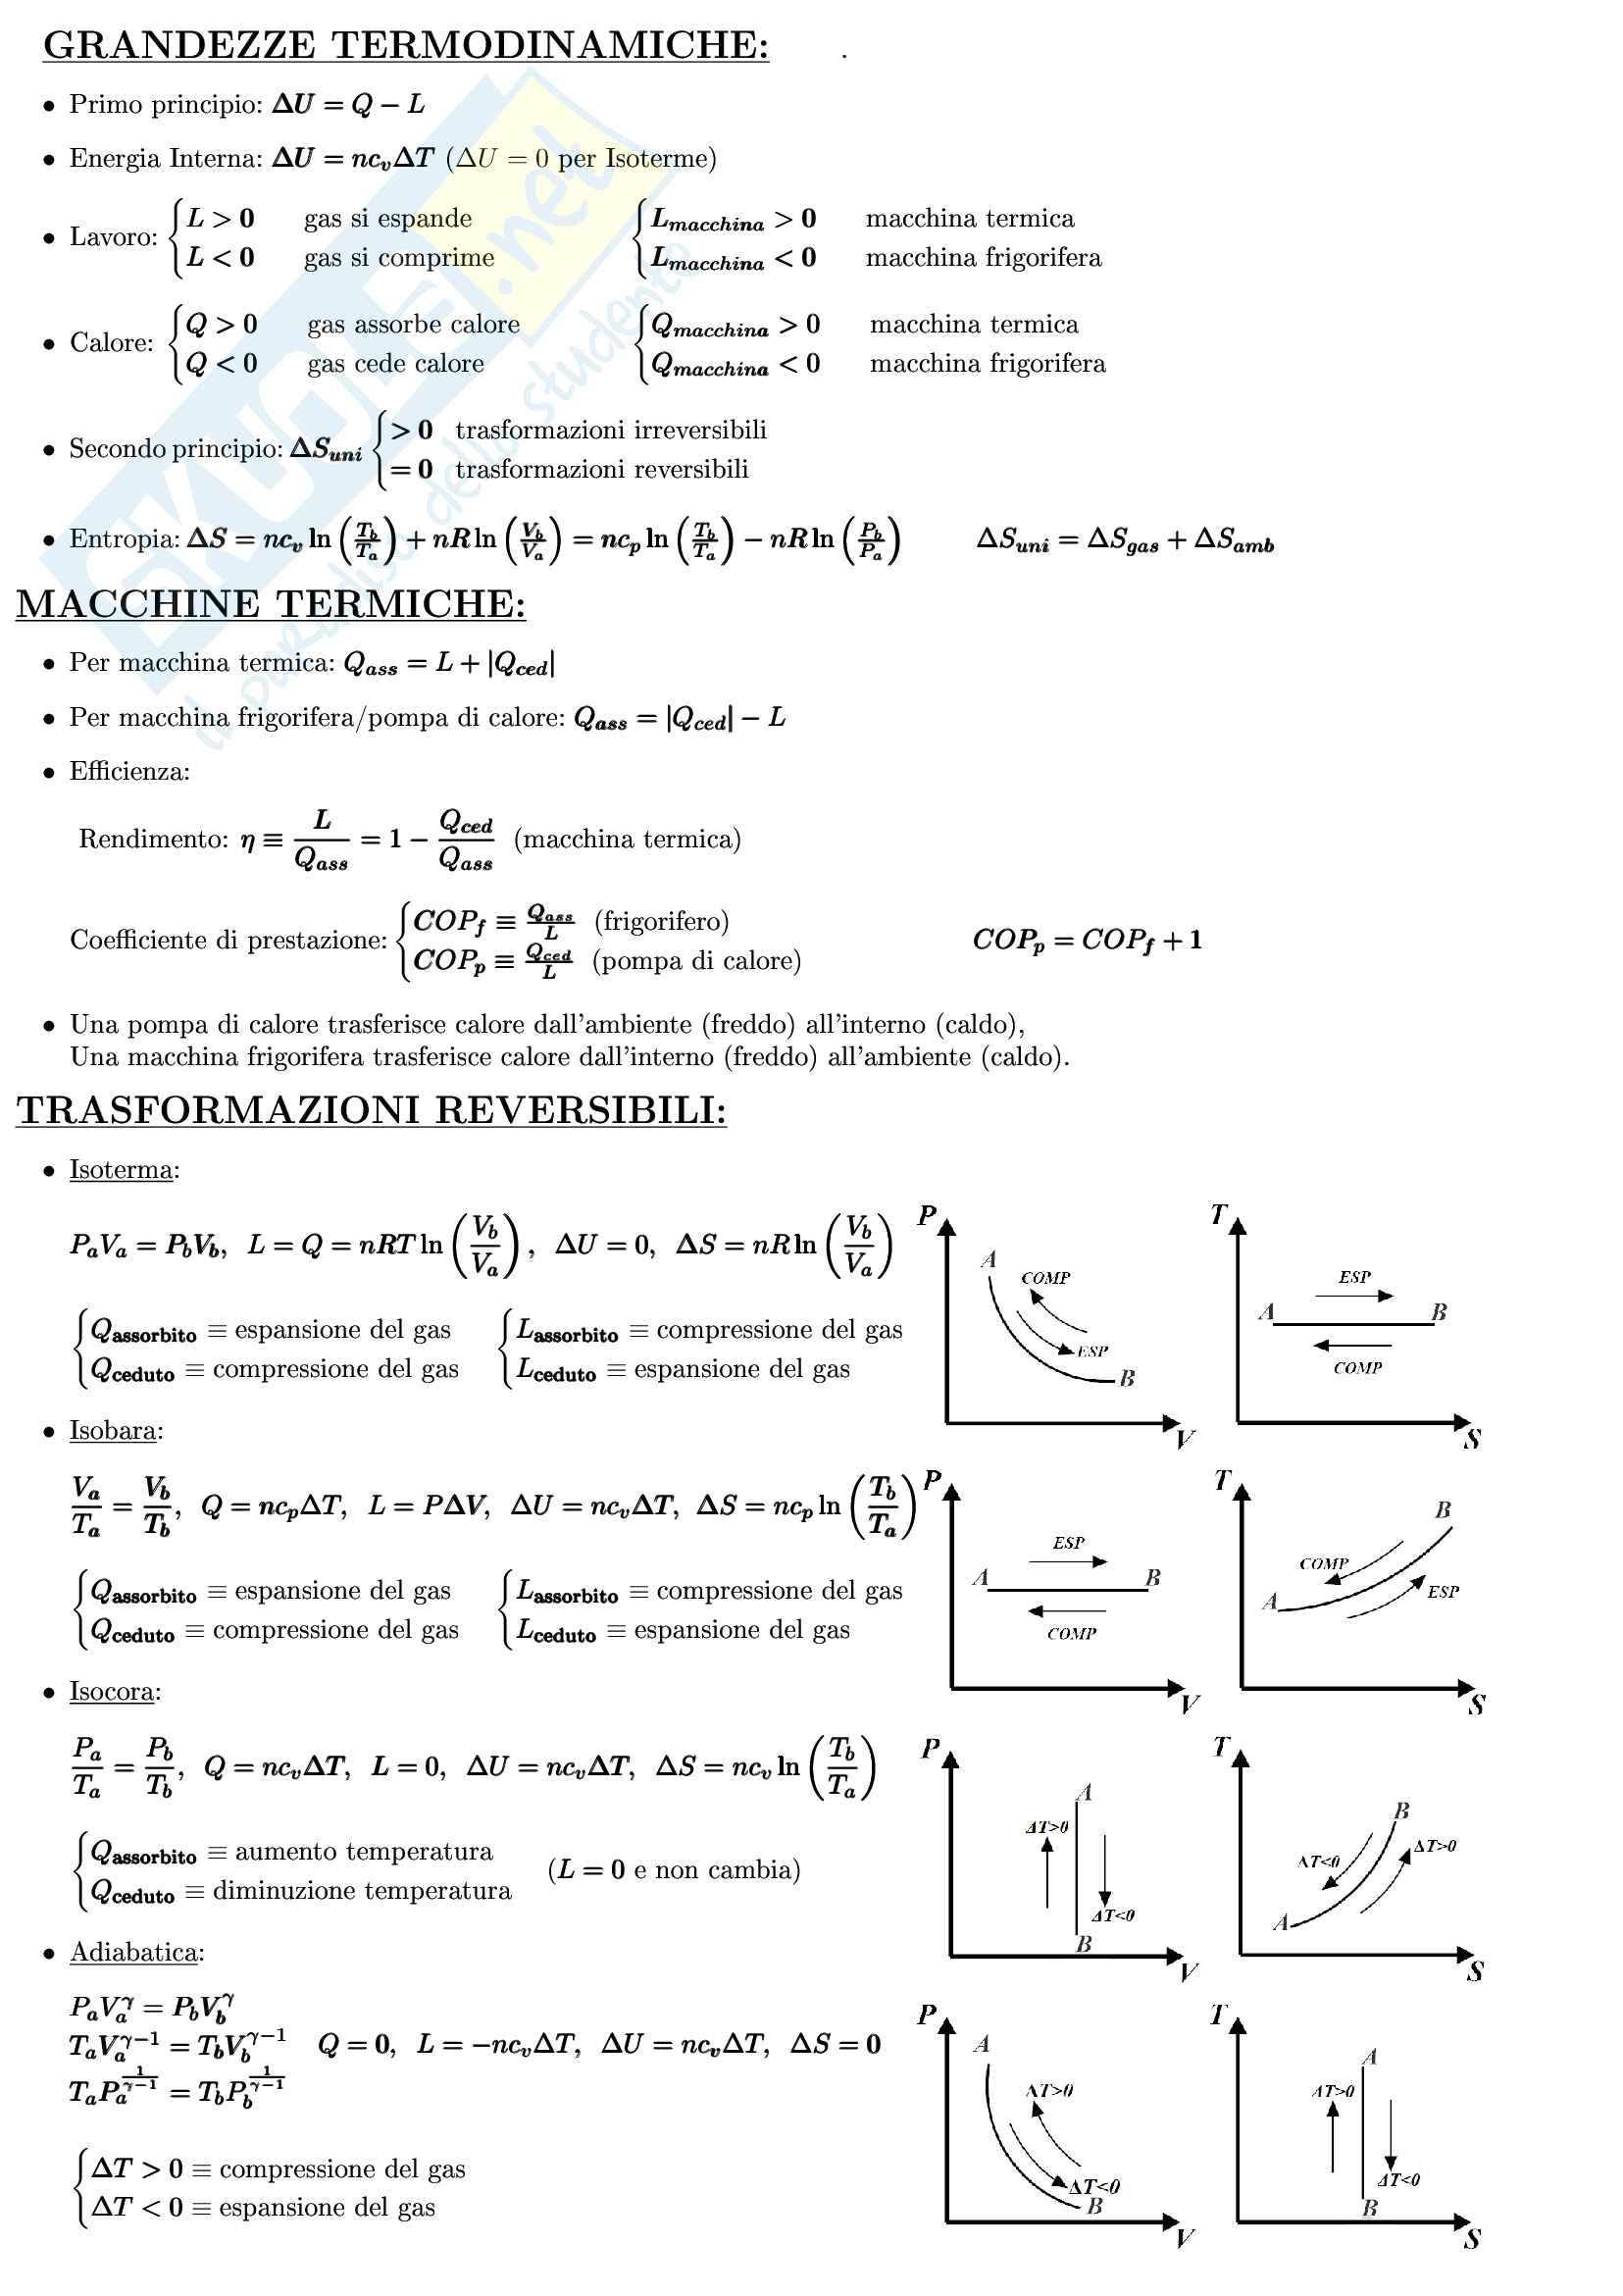 Formulario completo di Termodinamica